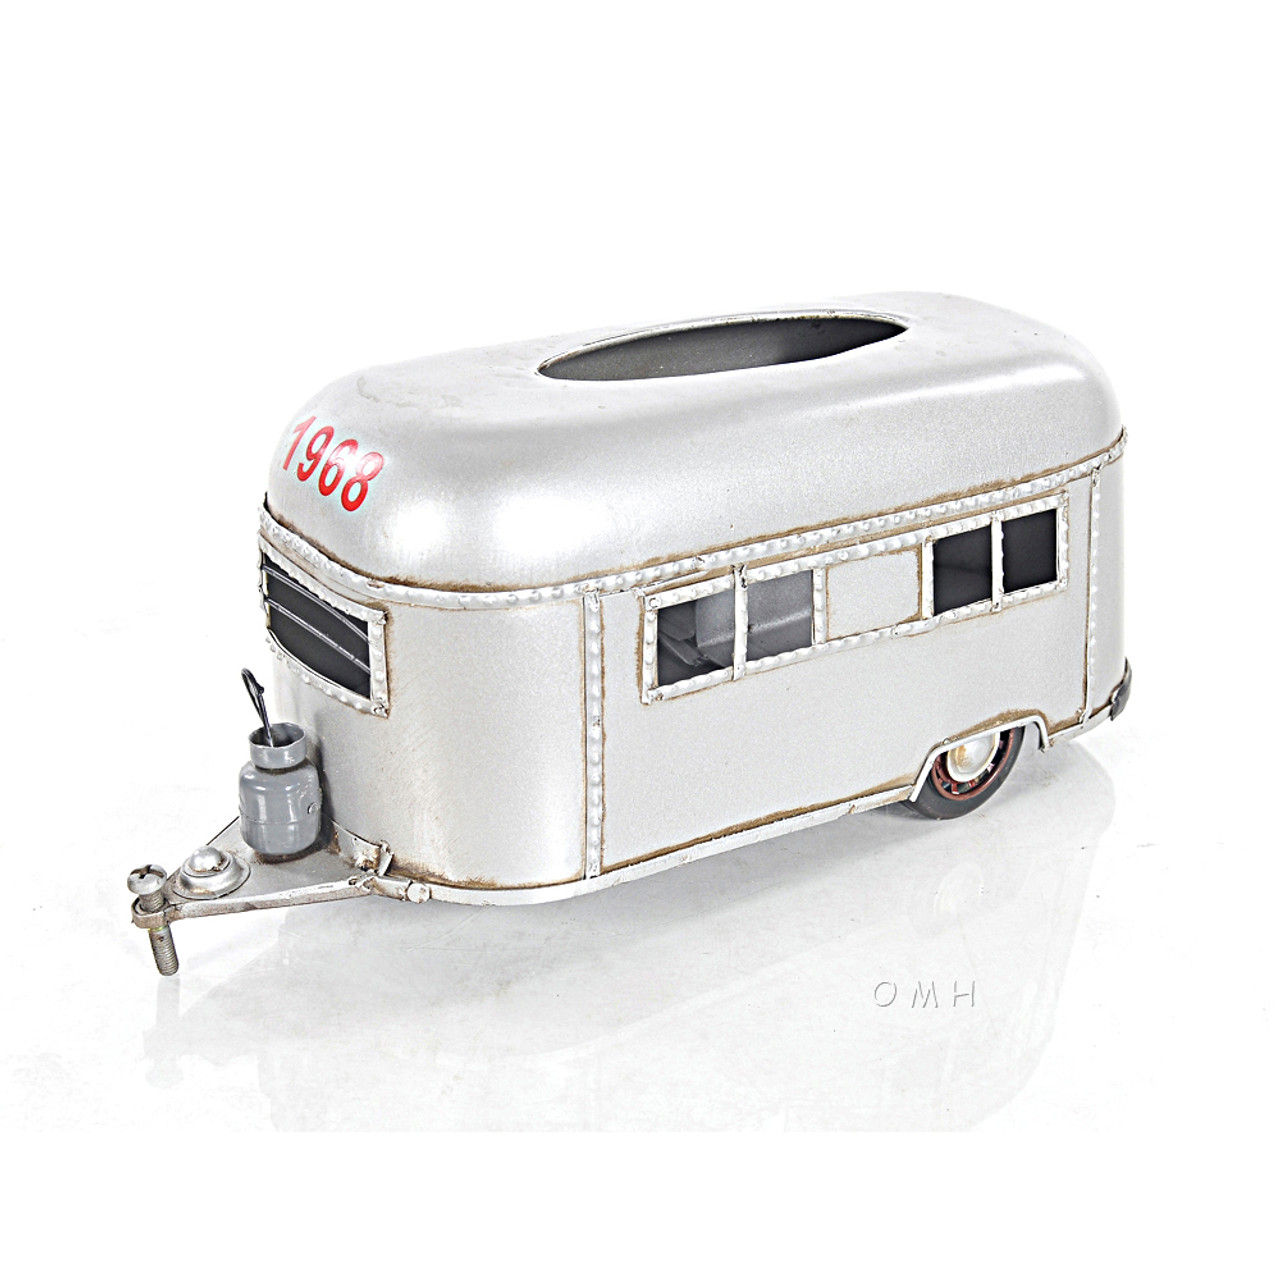 Rectangular Tissue Holder Travel Camping Trailer Model